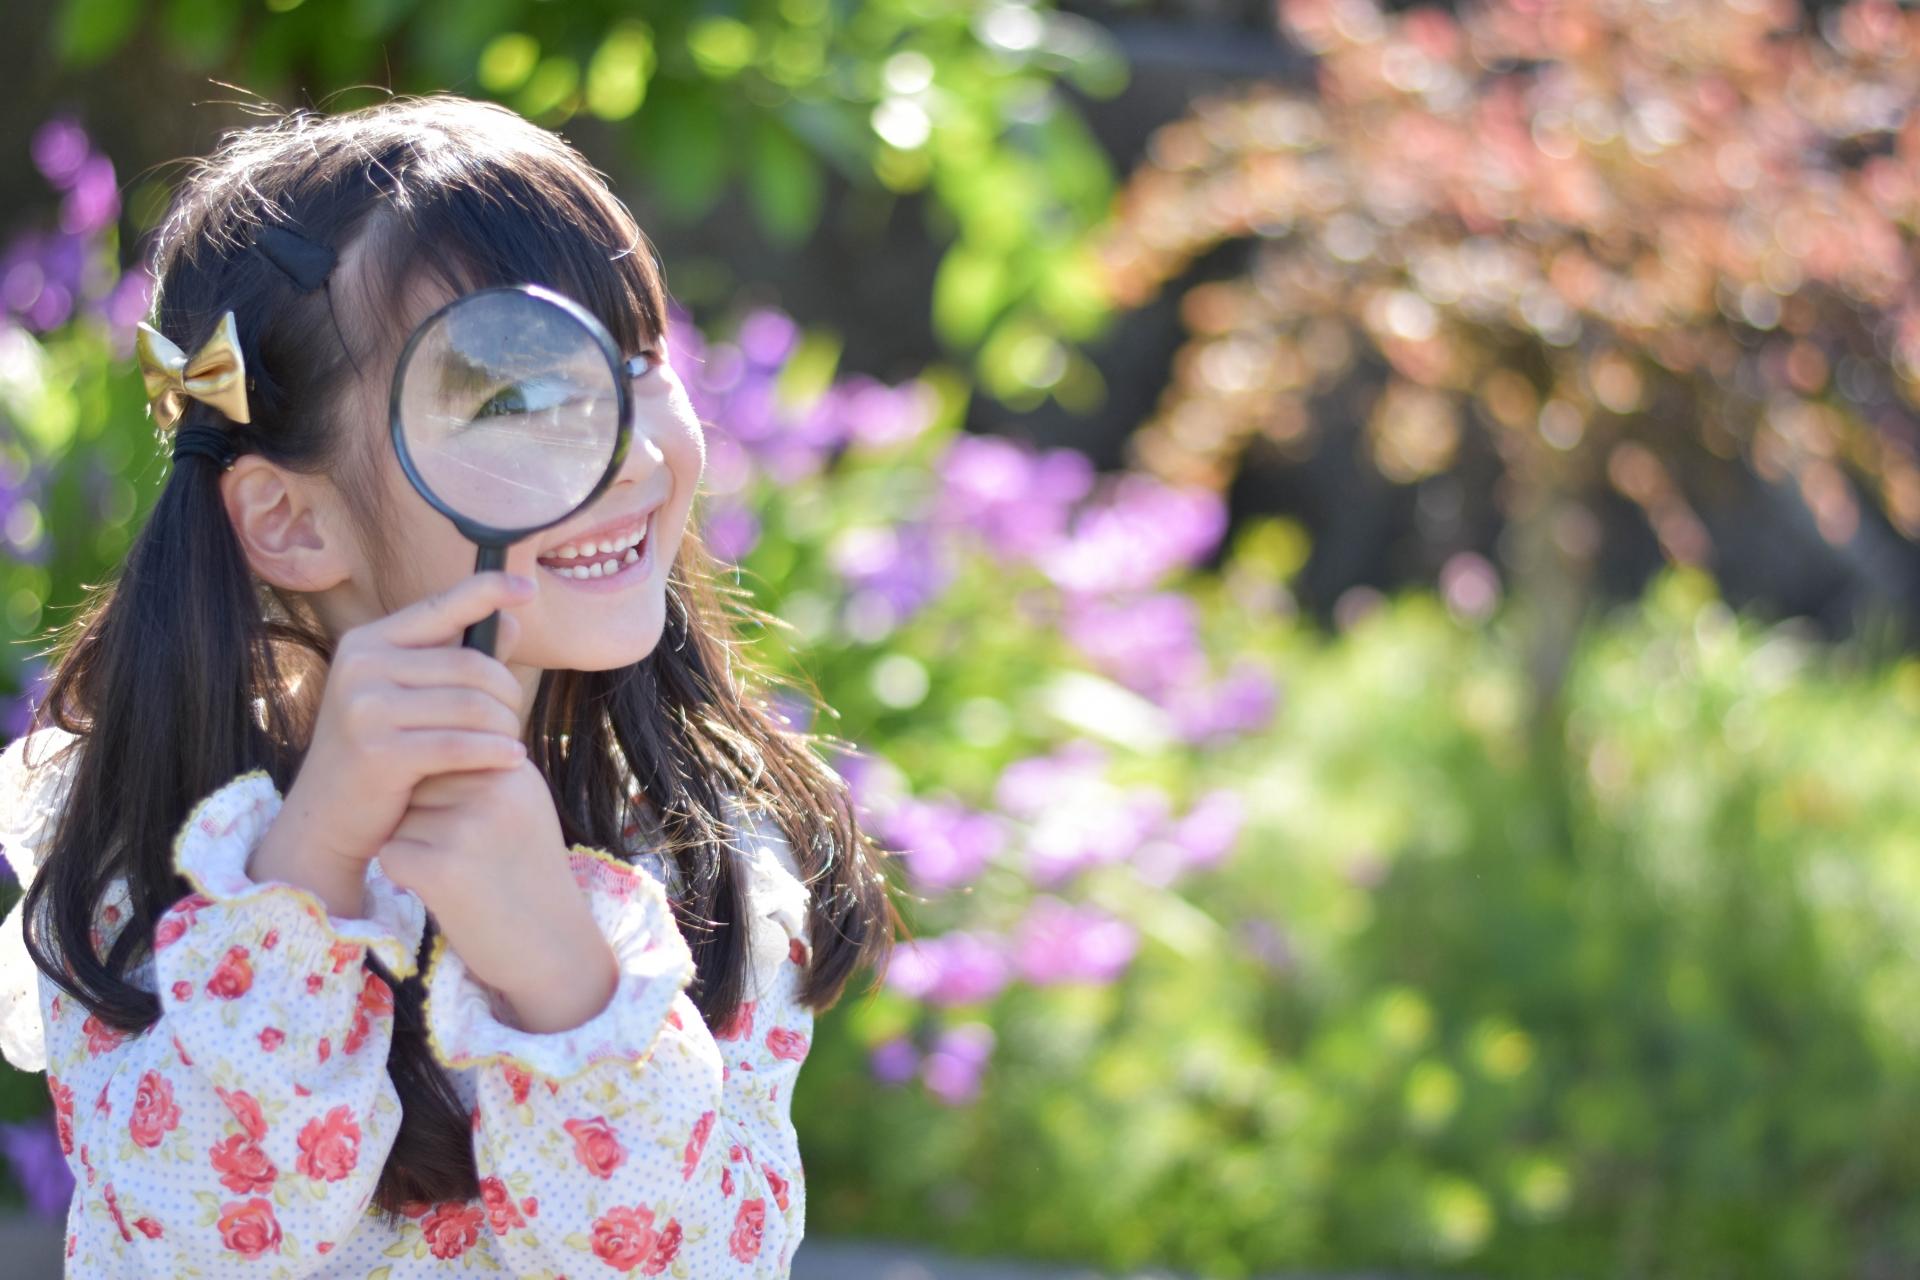 虫眼鏡を除く子供